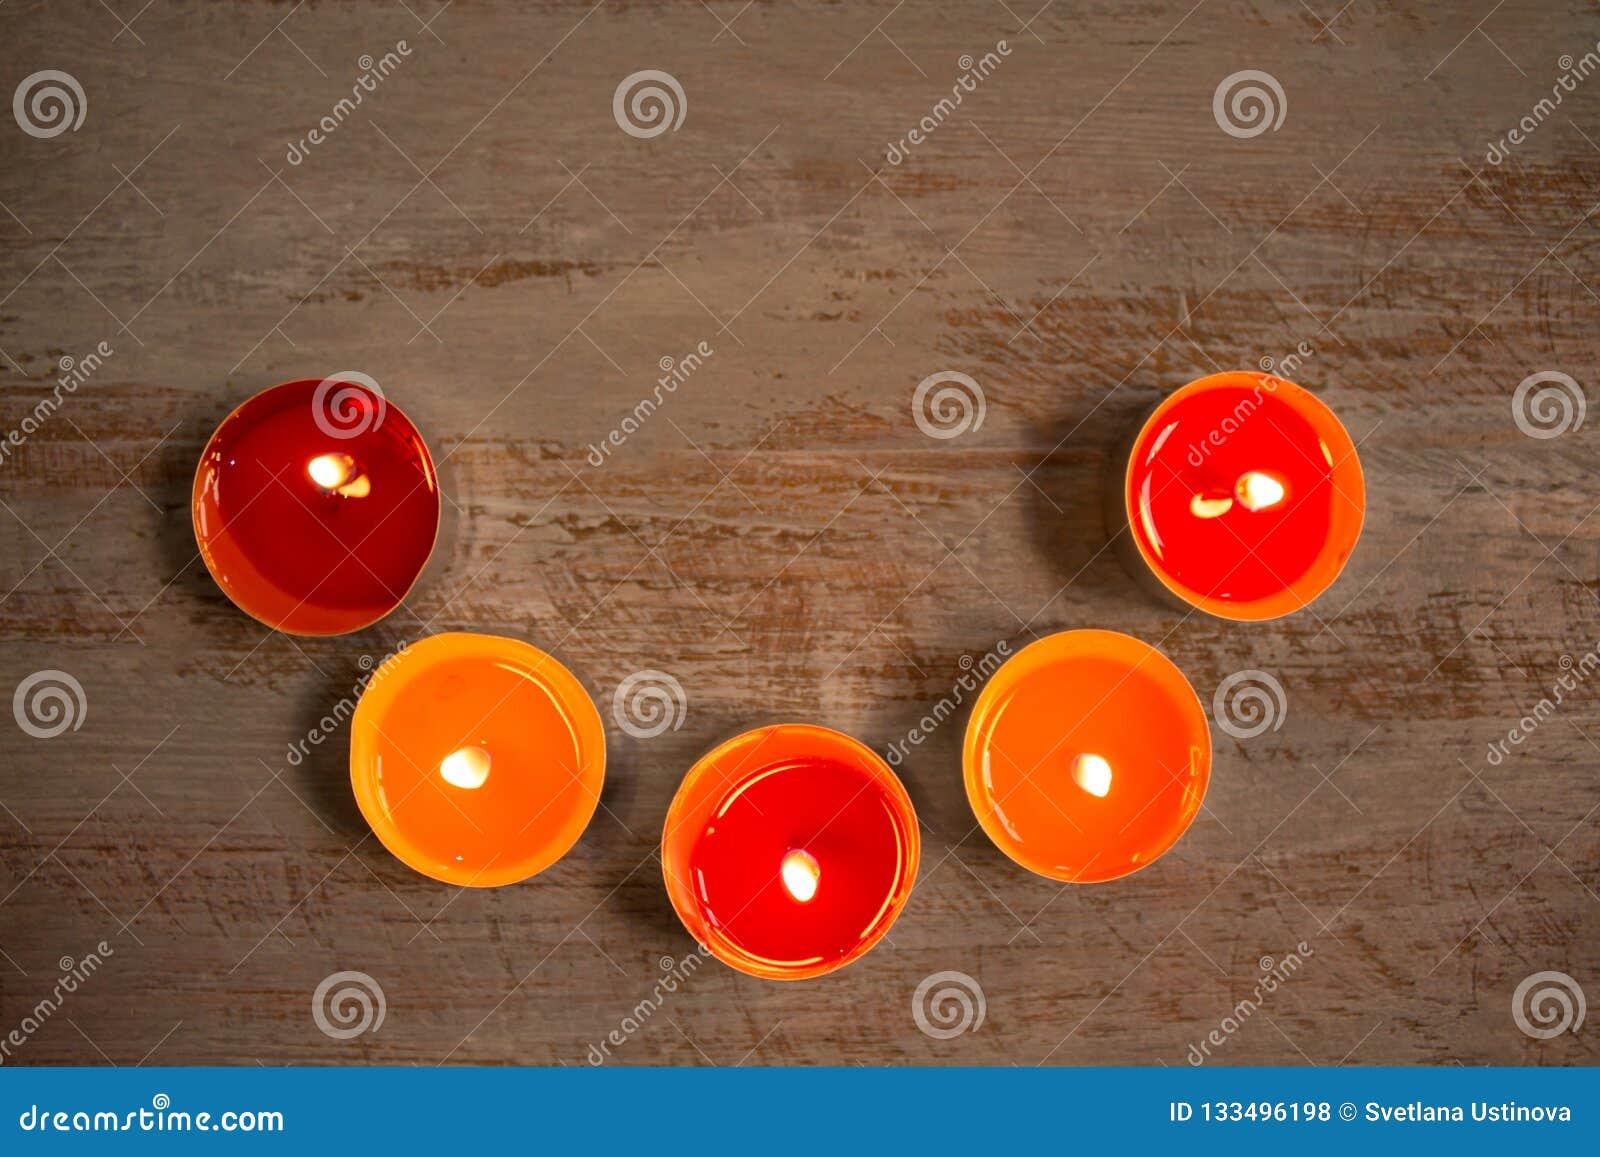 Красочные свечи на деревянных досках